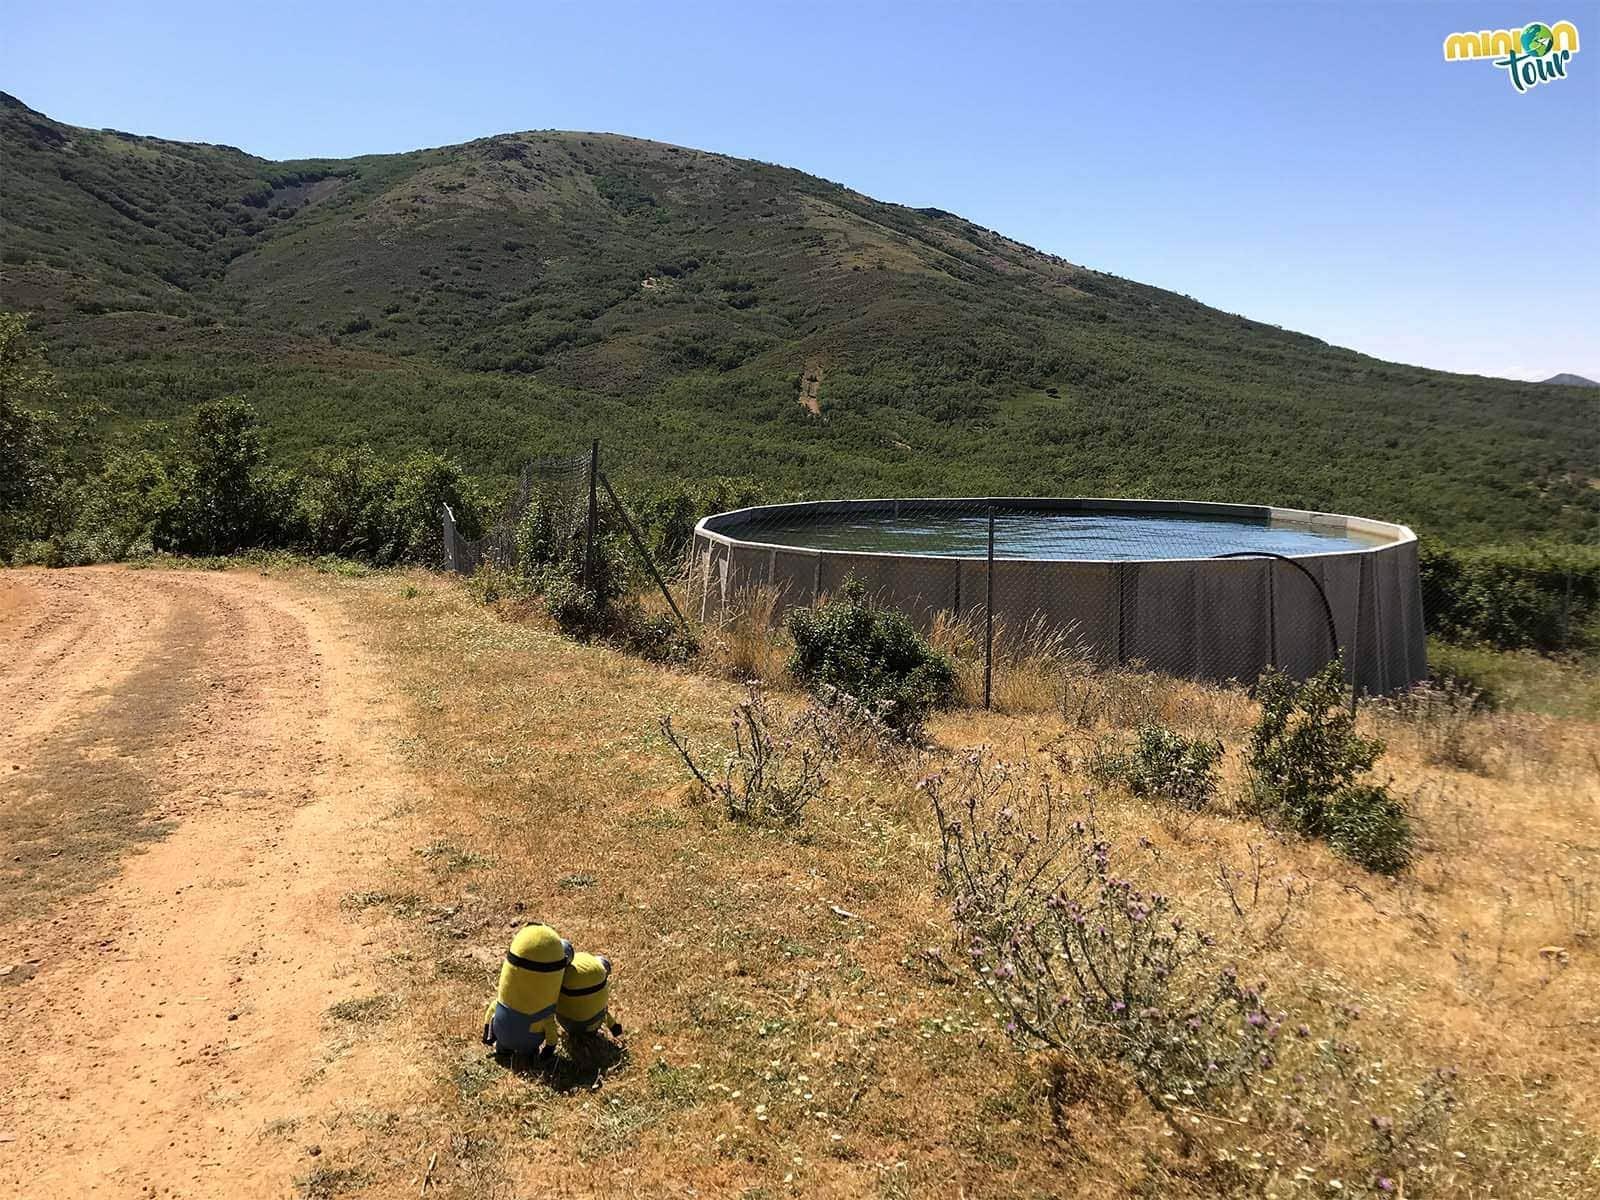 Depósito de agua en la ruta